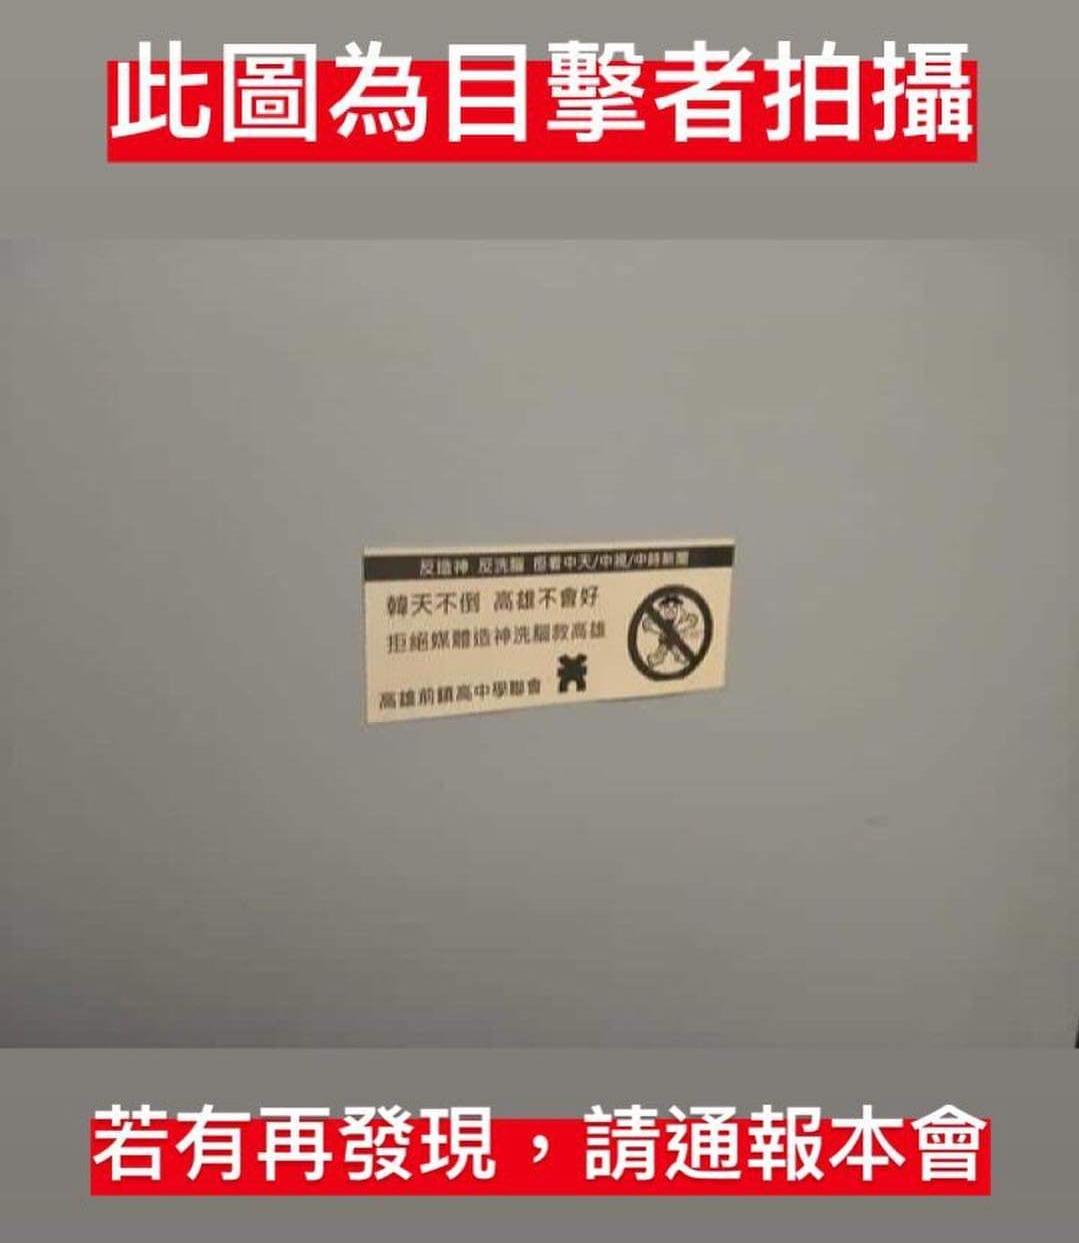 高雄百貨公司廁所驚見署名「前鎮高中學聯會」的反韓貼紙,不過經網友PO網後,前鎮高...